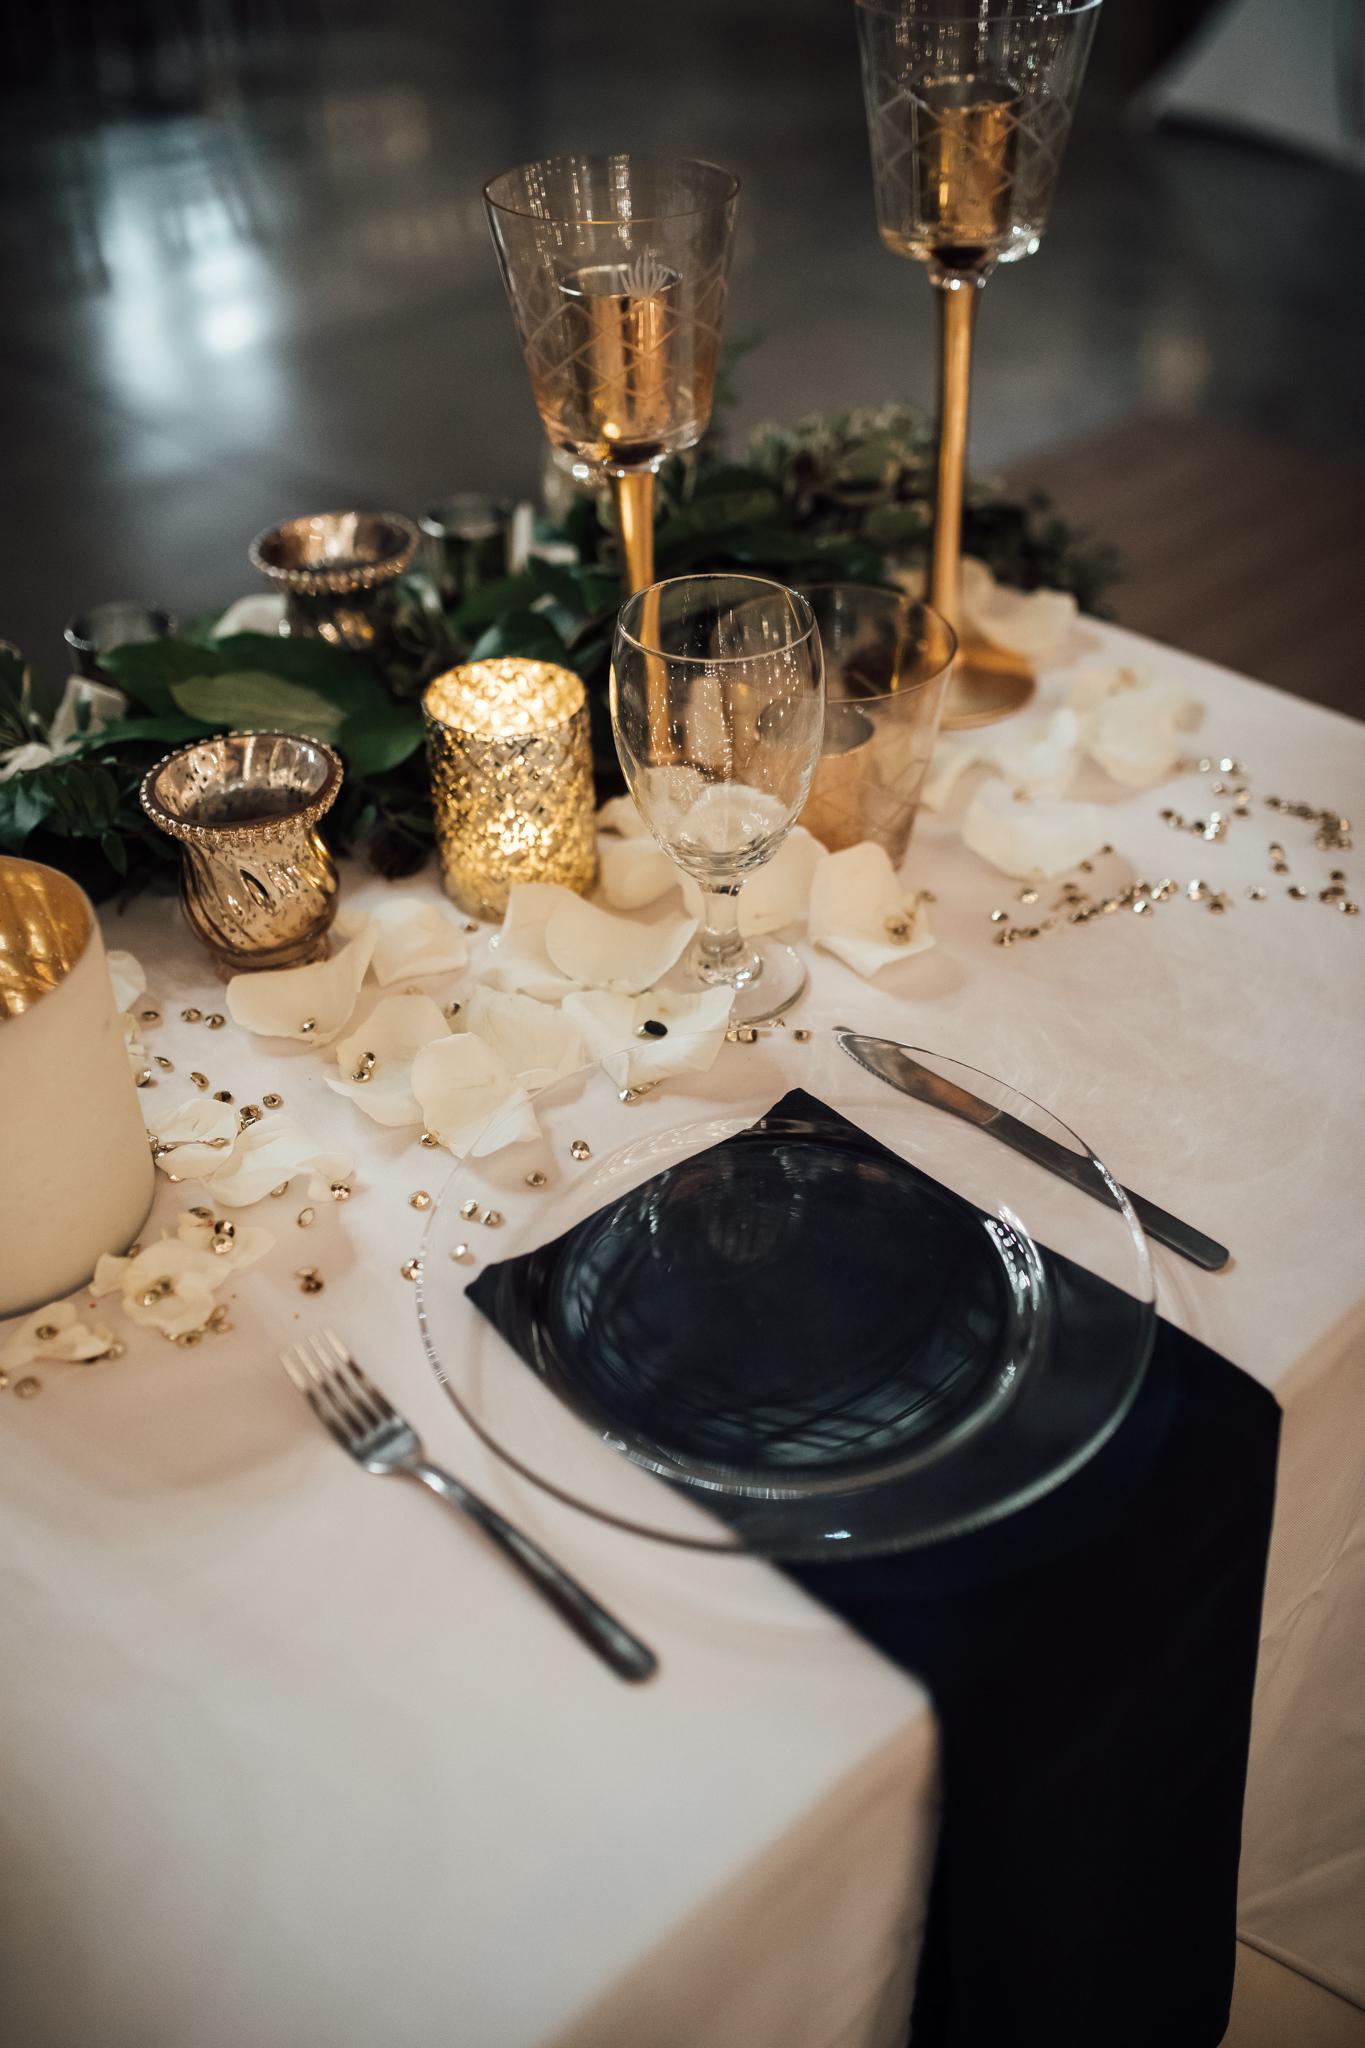 saddlewoodsfarms-nashville-wedding-photographer-thewarmtharoundyou-rustic-wedding (2 of 251).jpg